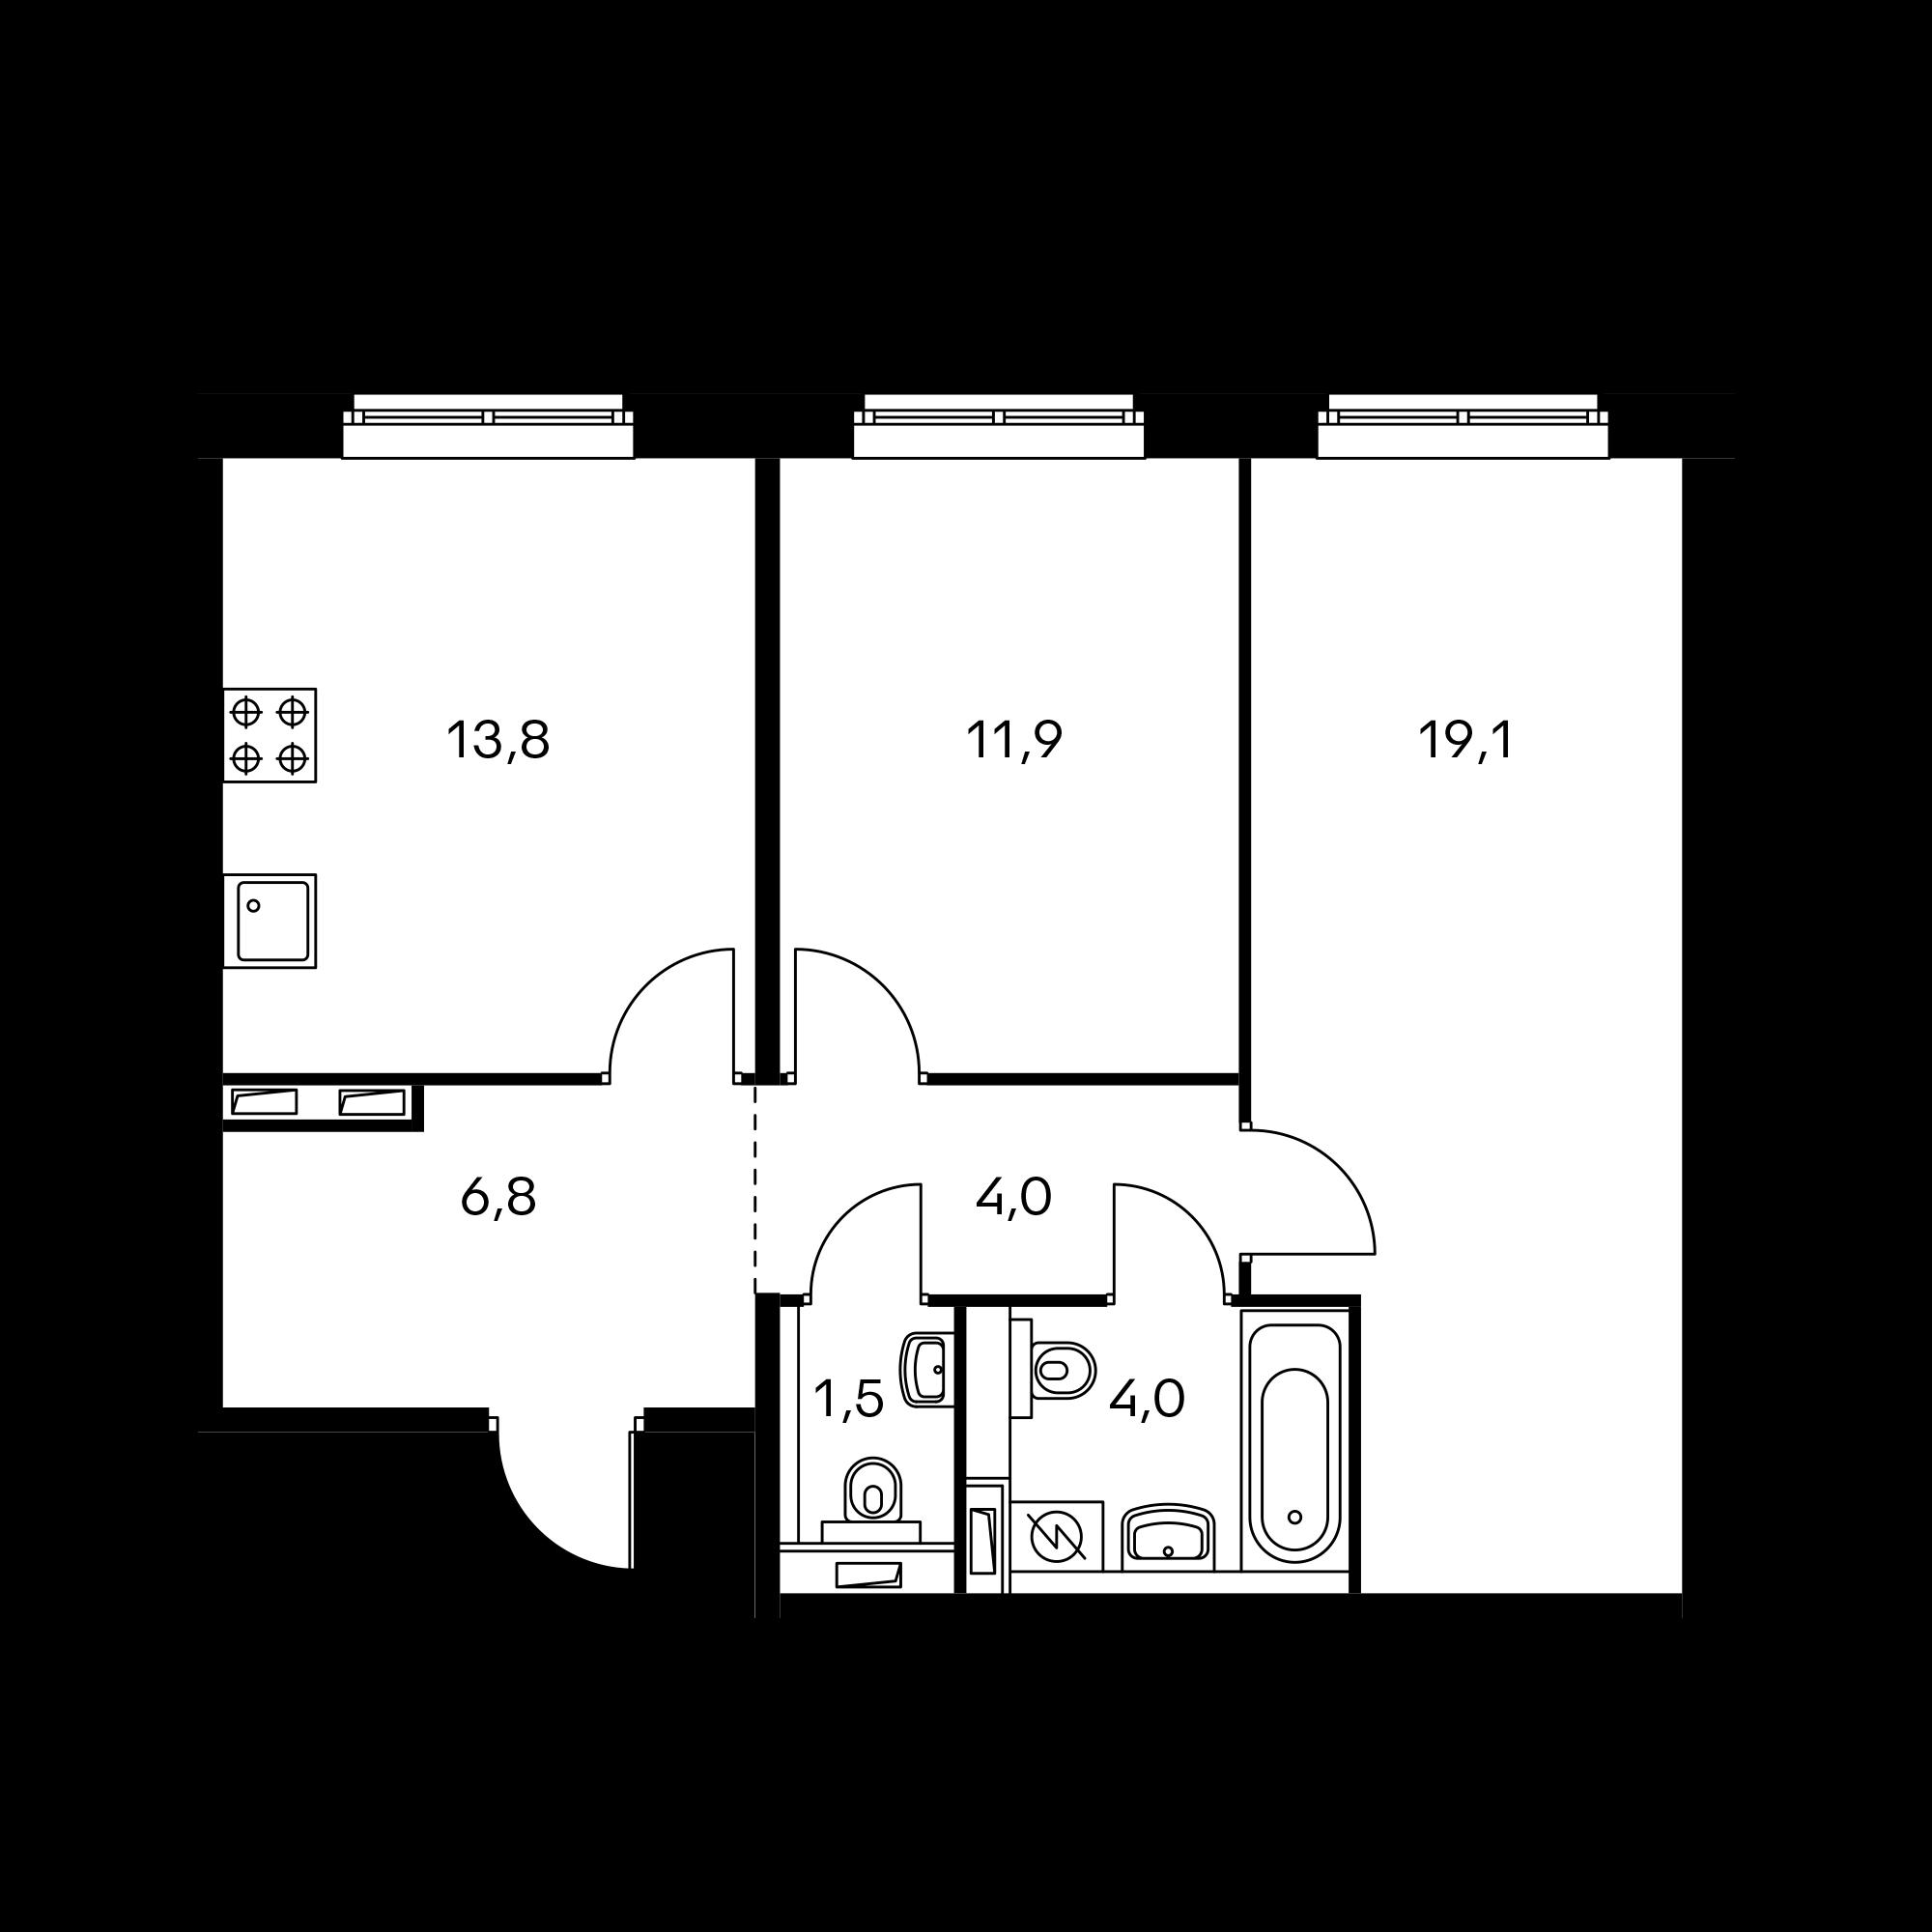 2KM4_9.6-1_S_A